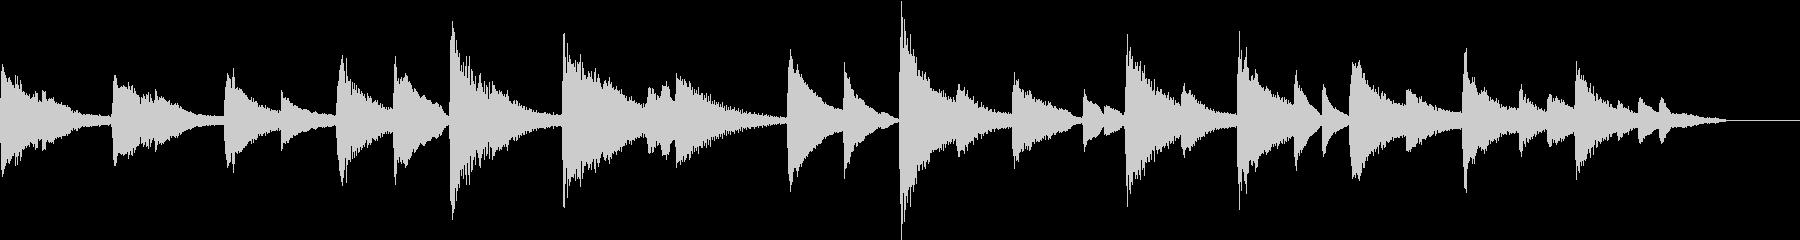 【しっとり系】30秒ピアノソロの未再生の波形